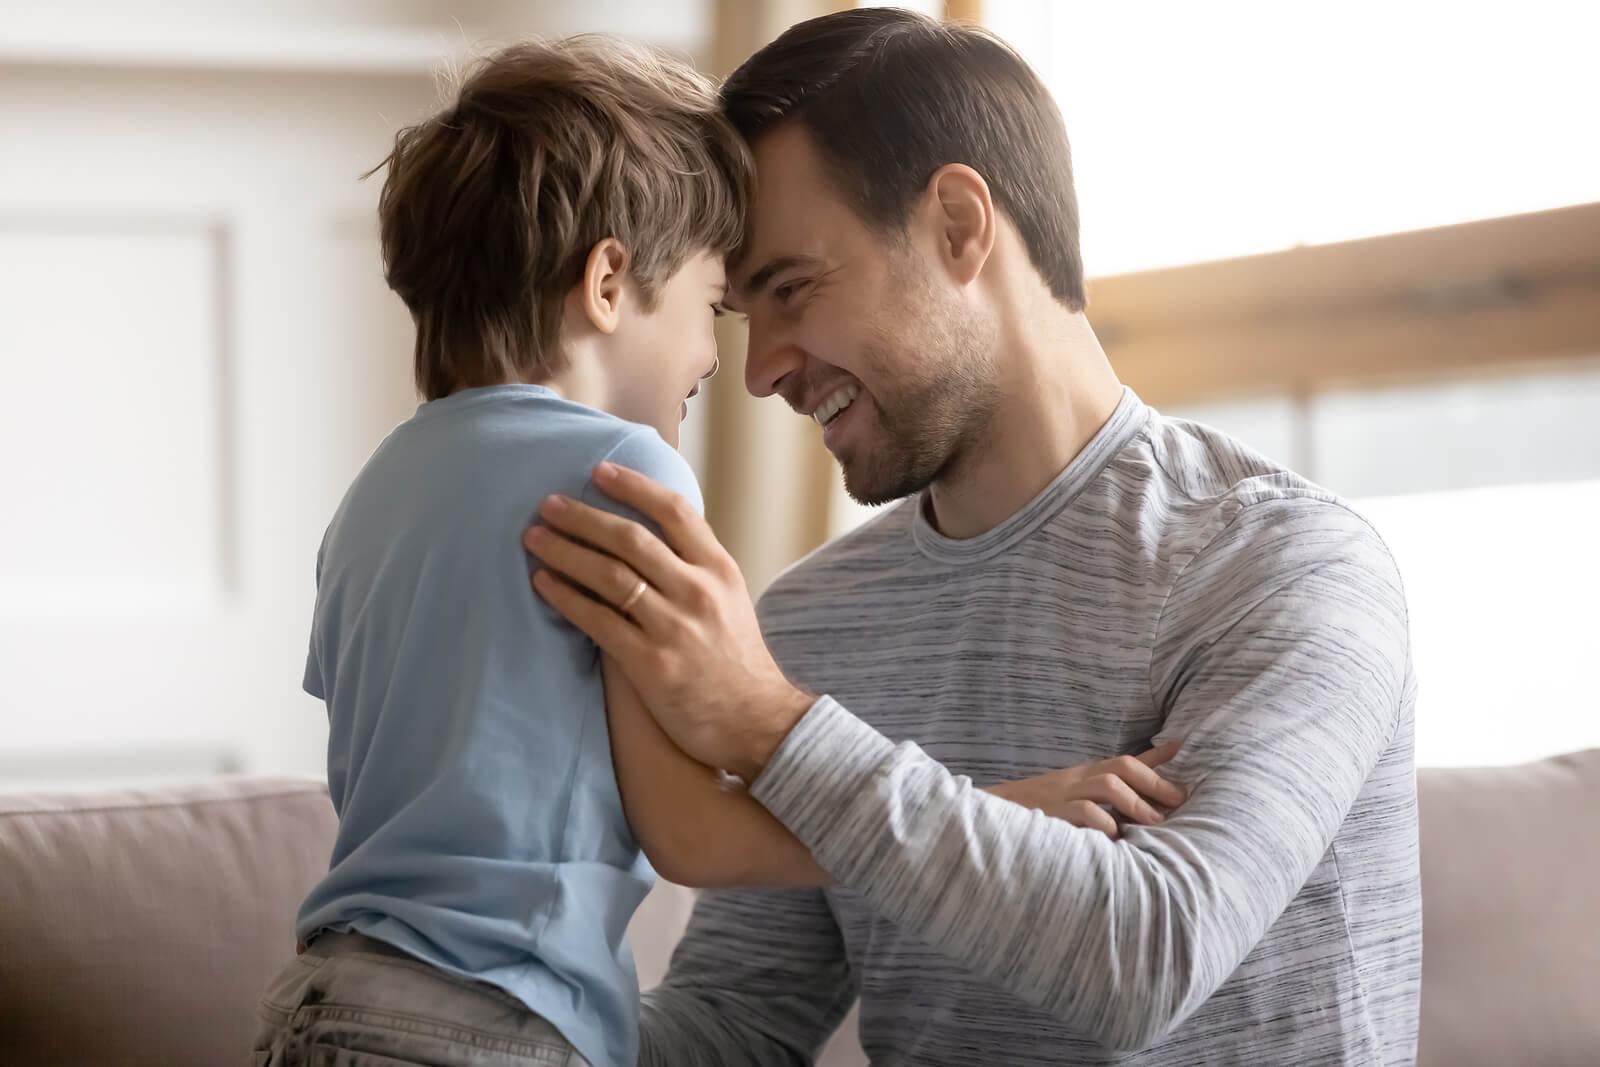 Padre ayudando a su hijo a salir de su zona de confort.